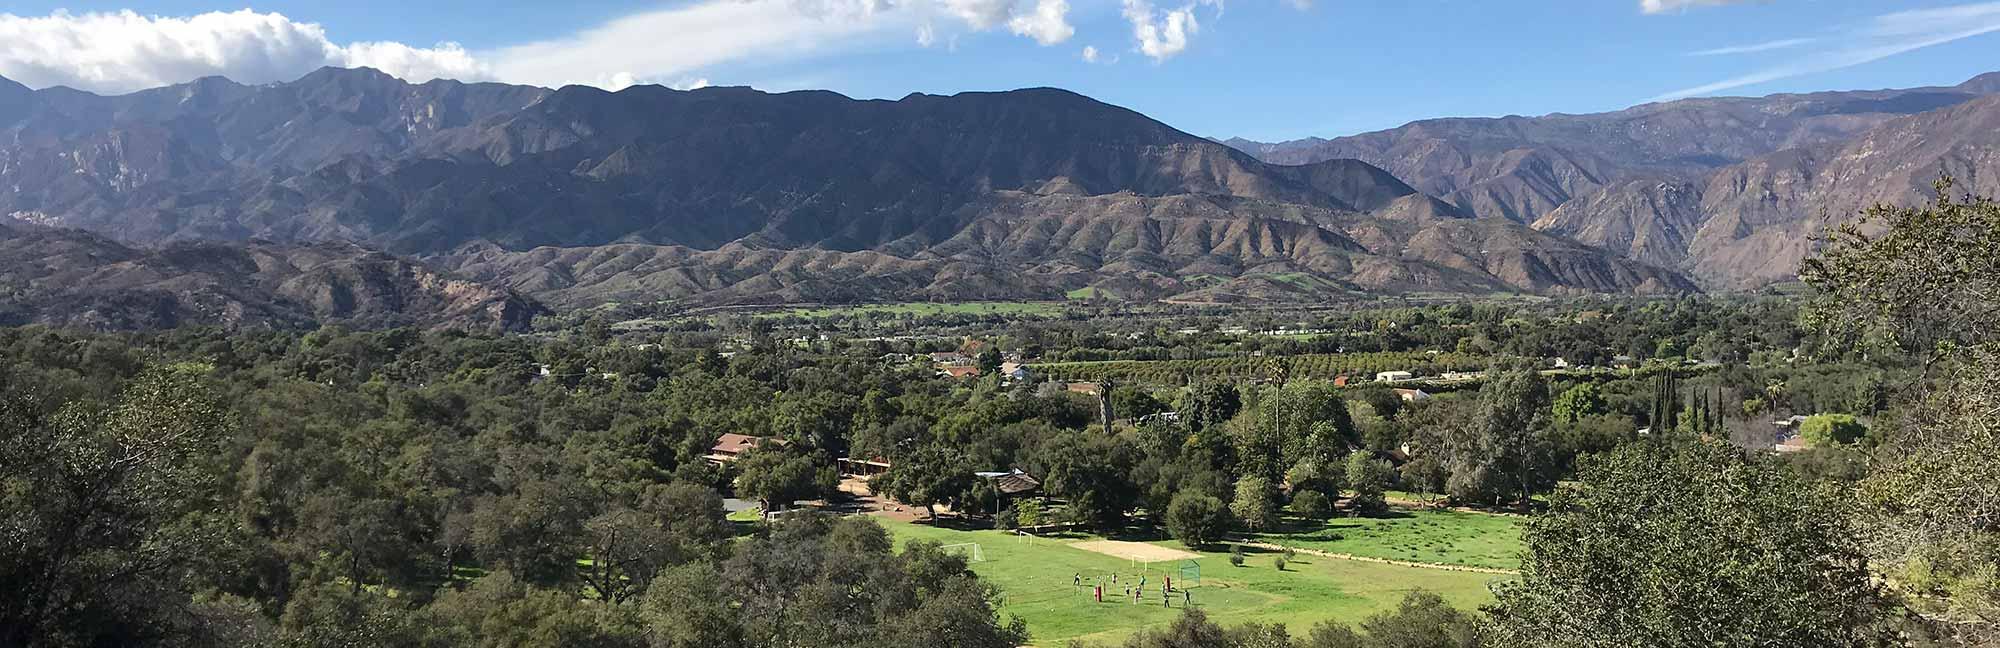 Oak Grove School in Mira Monte, CA - Niche